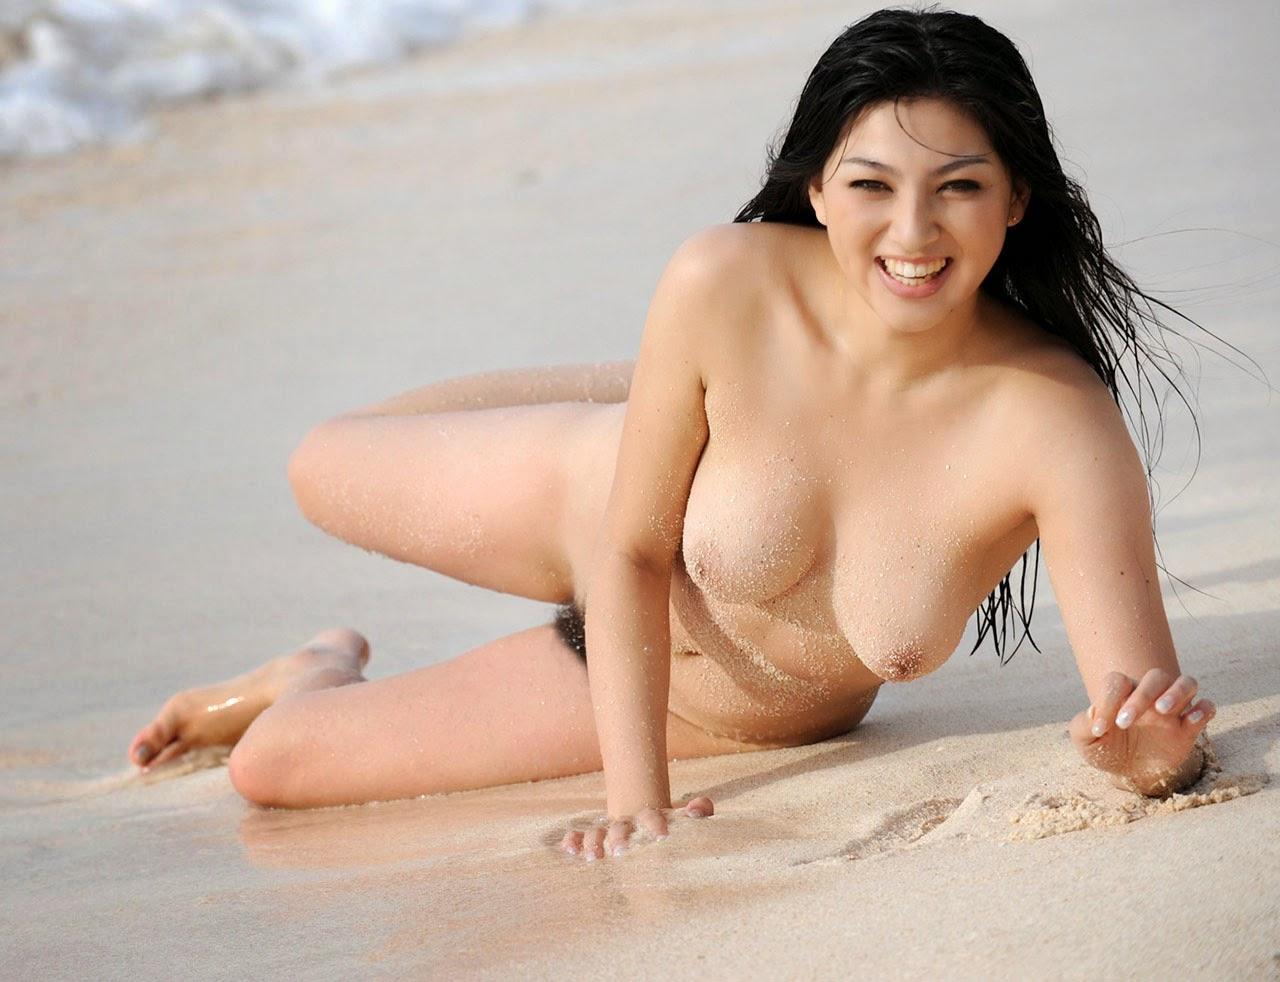 full size model nackt